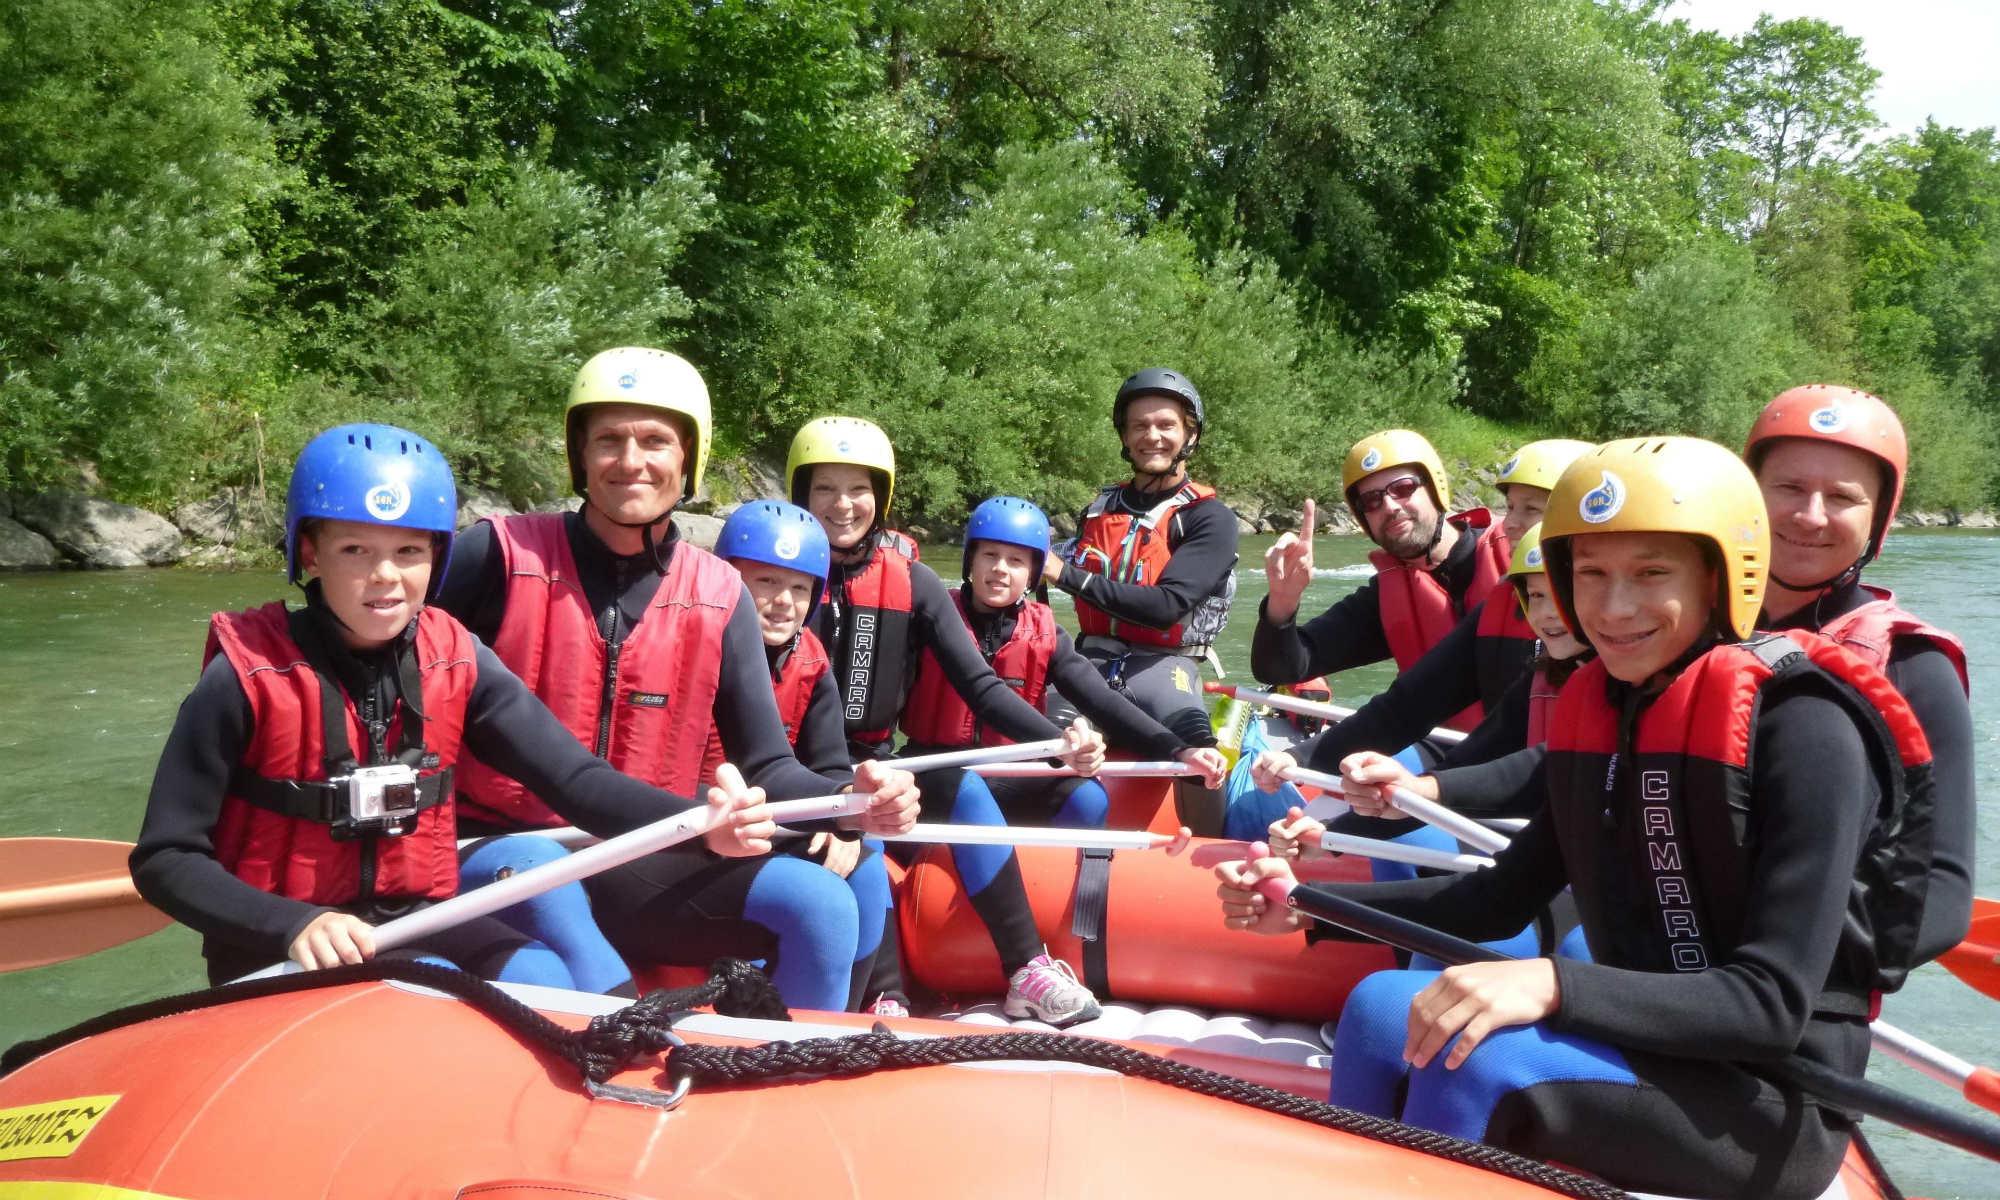 Mehrere Familien in einem Raft auf dem Fluss Iller im Allgäu.